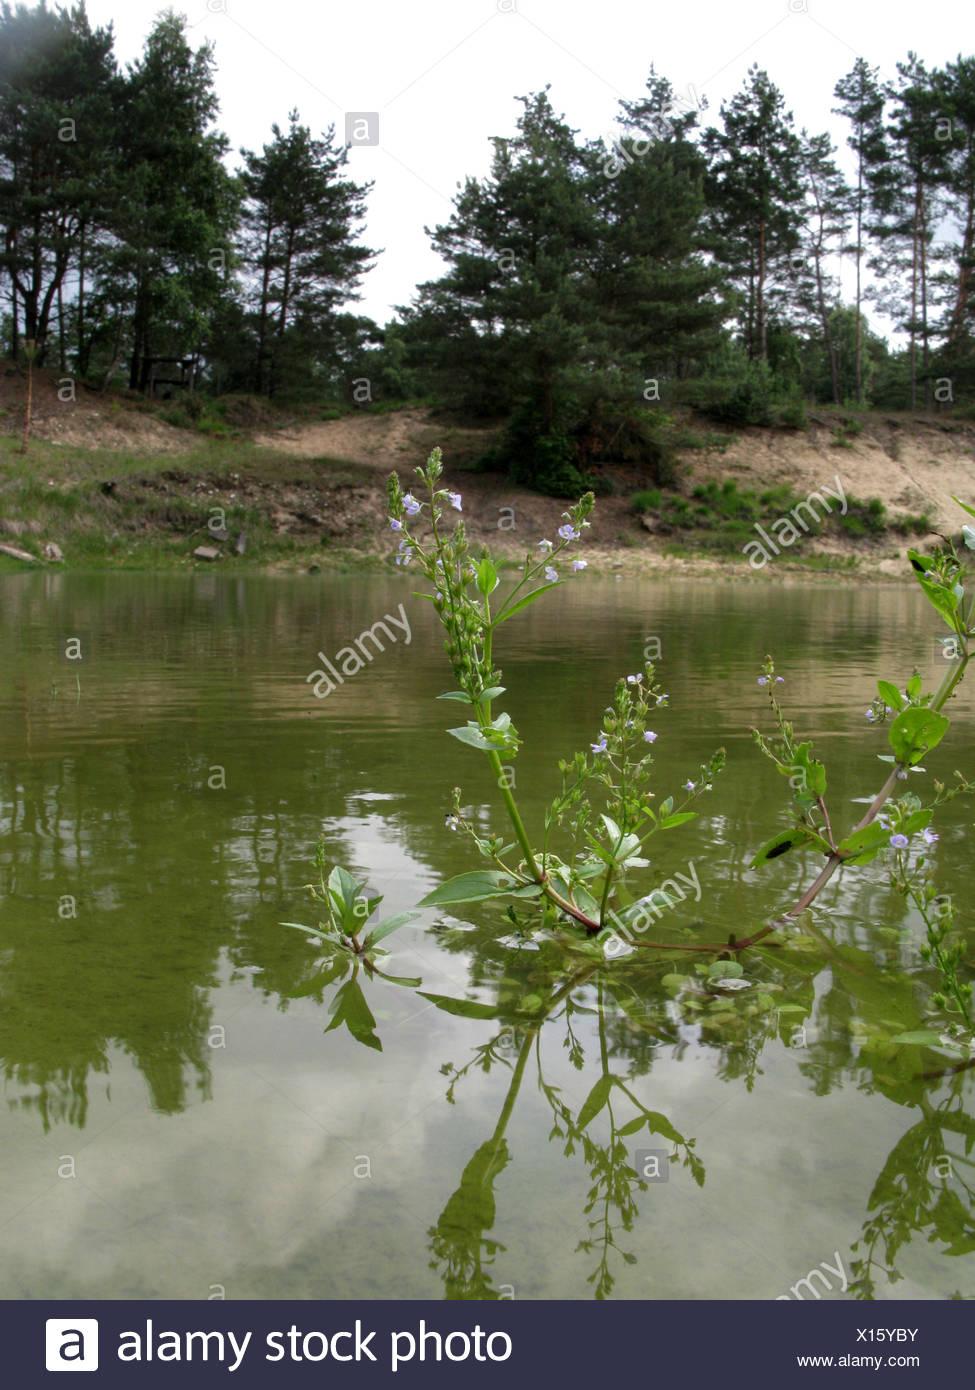 Agua speedwell, blue water-speedwell, Brook-pimpernell (Veronica anagallis-aquatica), florece en un estanque, en Alemania, en Renania del Norte-Westfalia Imagen De Stock